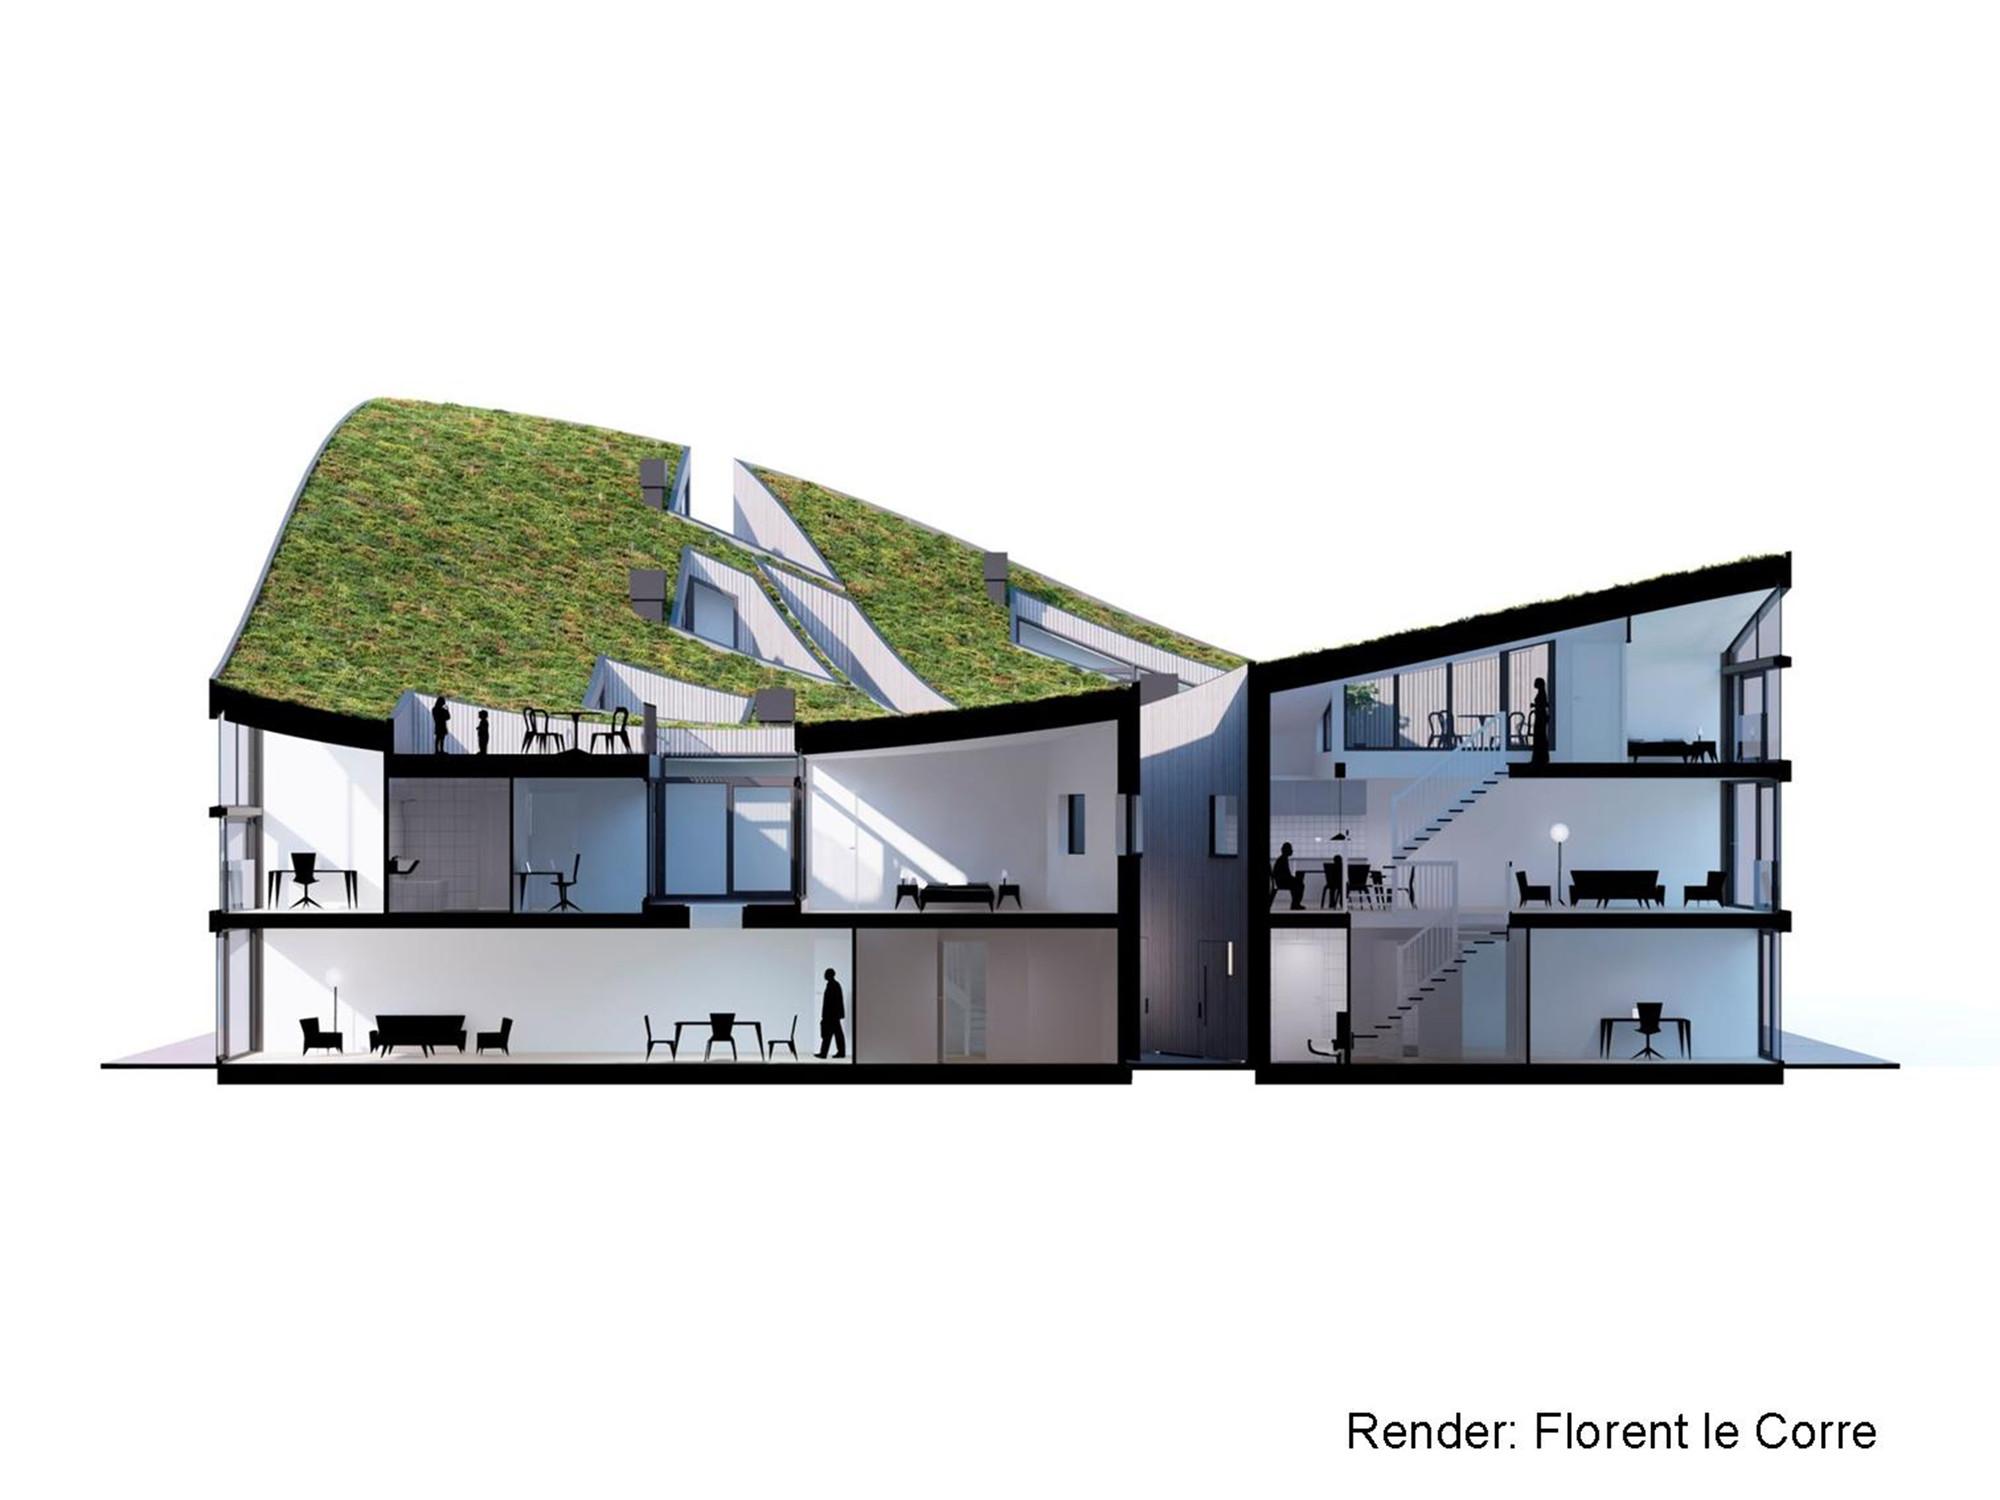 Gallery of funen blok k verdana nl architects 40 for Nl house plans